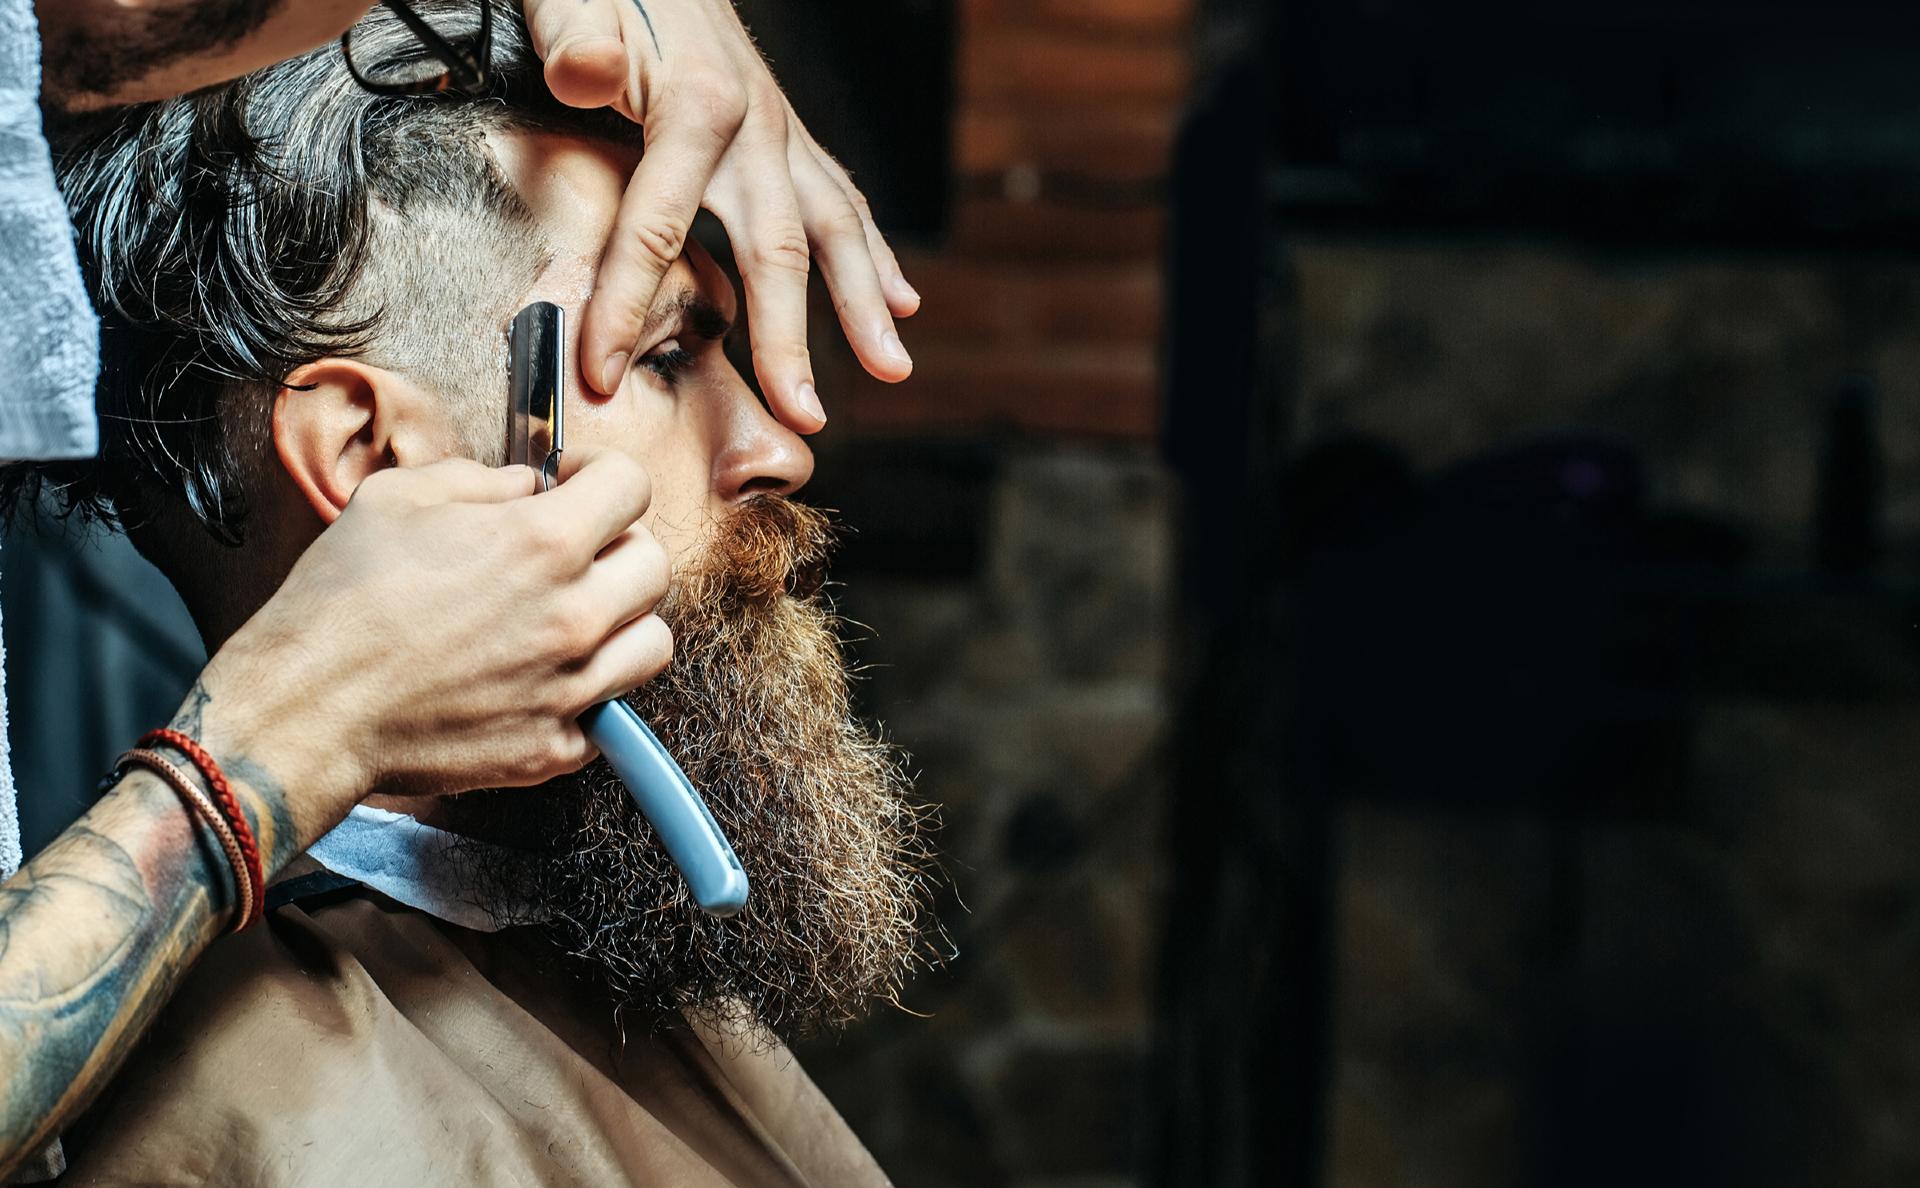 Бородатая планета: как хипстеризация охватила весь мир